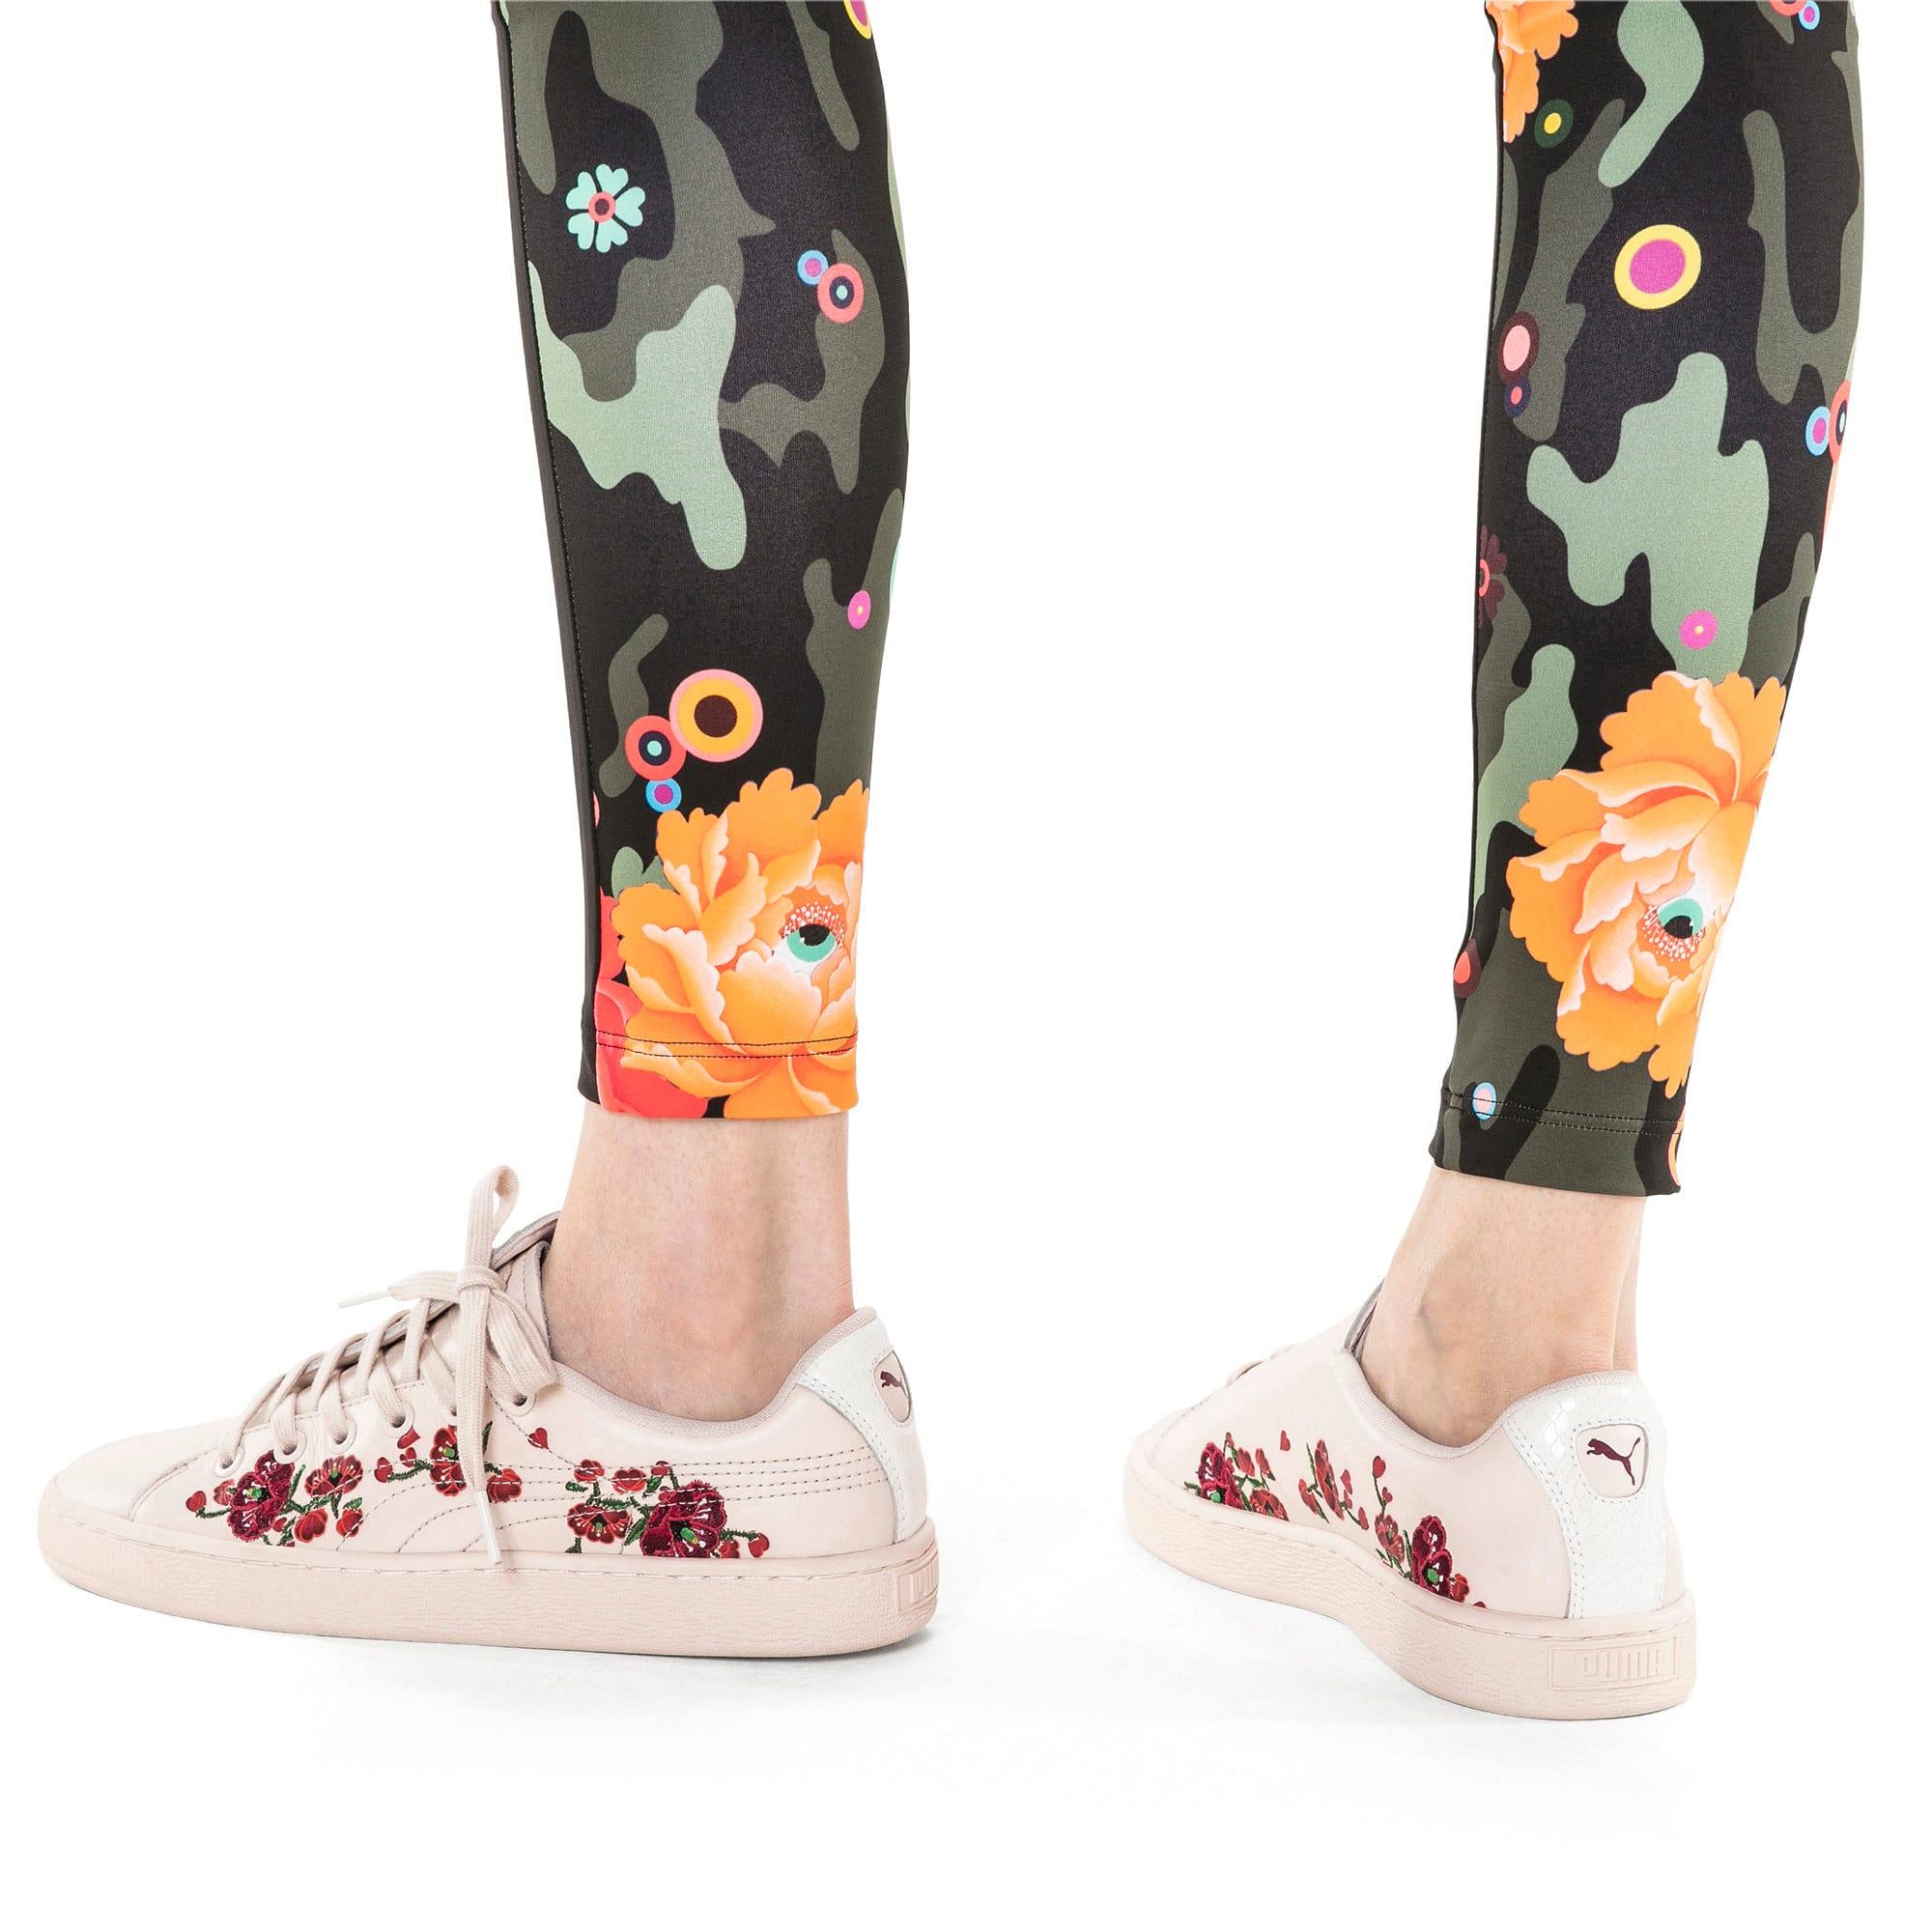 """Thumbnail 2 of PUMA x SUE TSAI """"Cherry Bombs"""" Women's Shoes, Powder Puff-Powder Puff, medium-IND"""